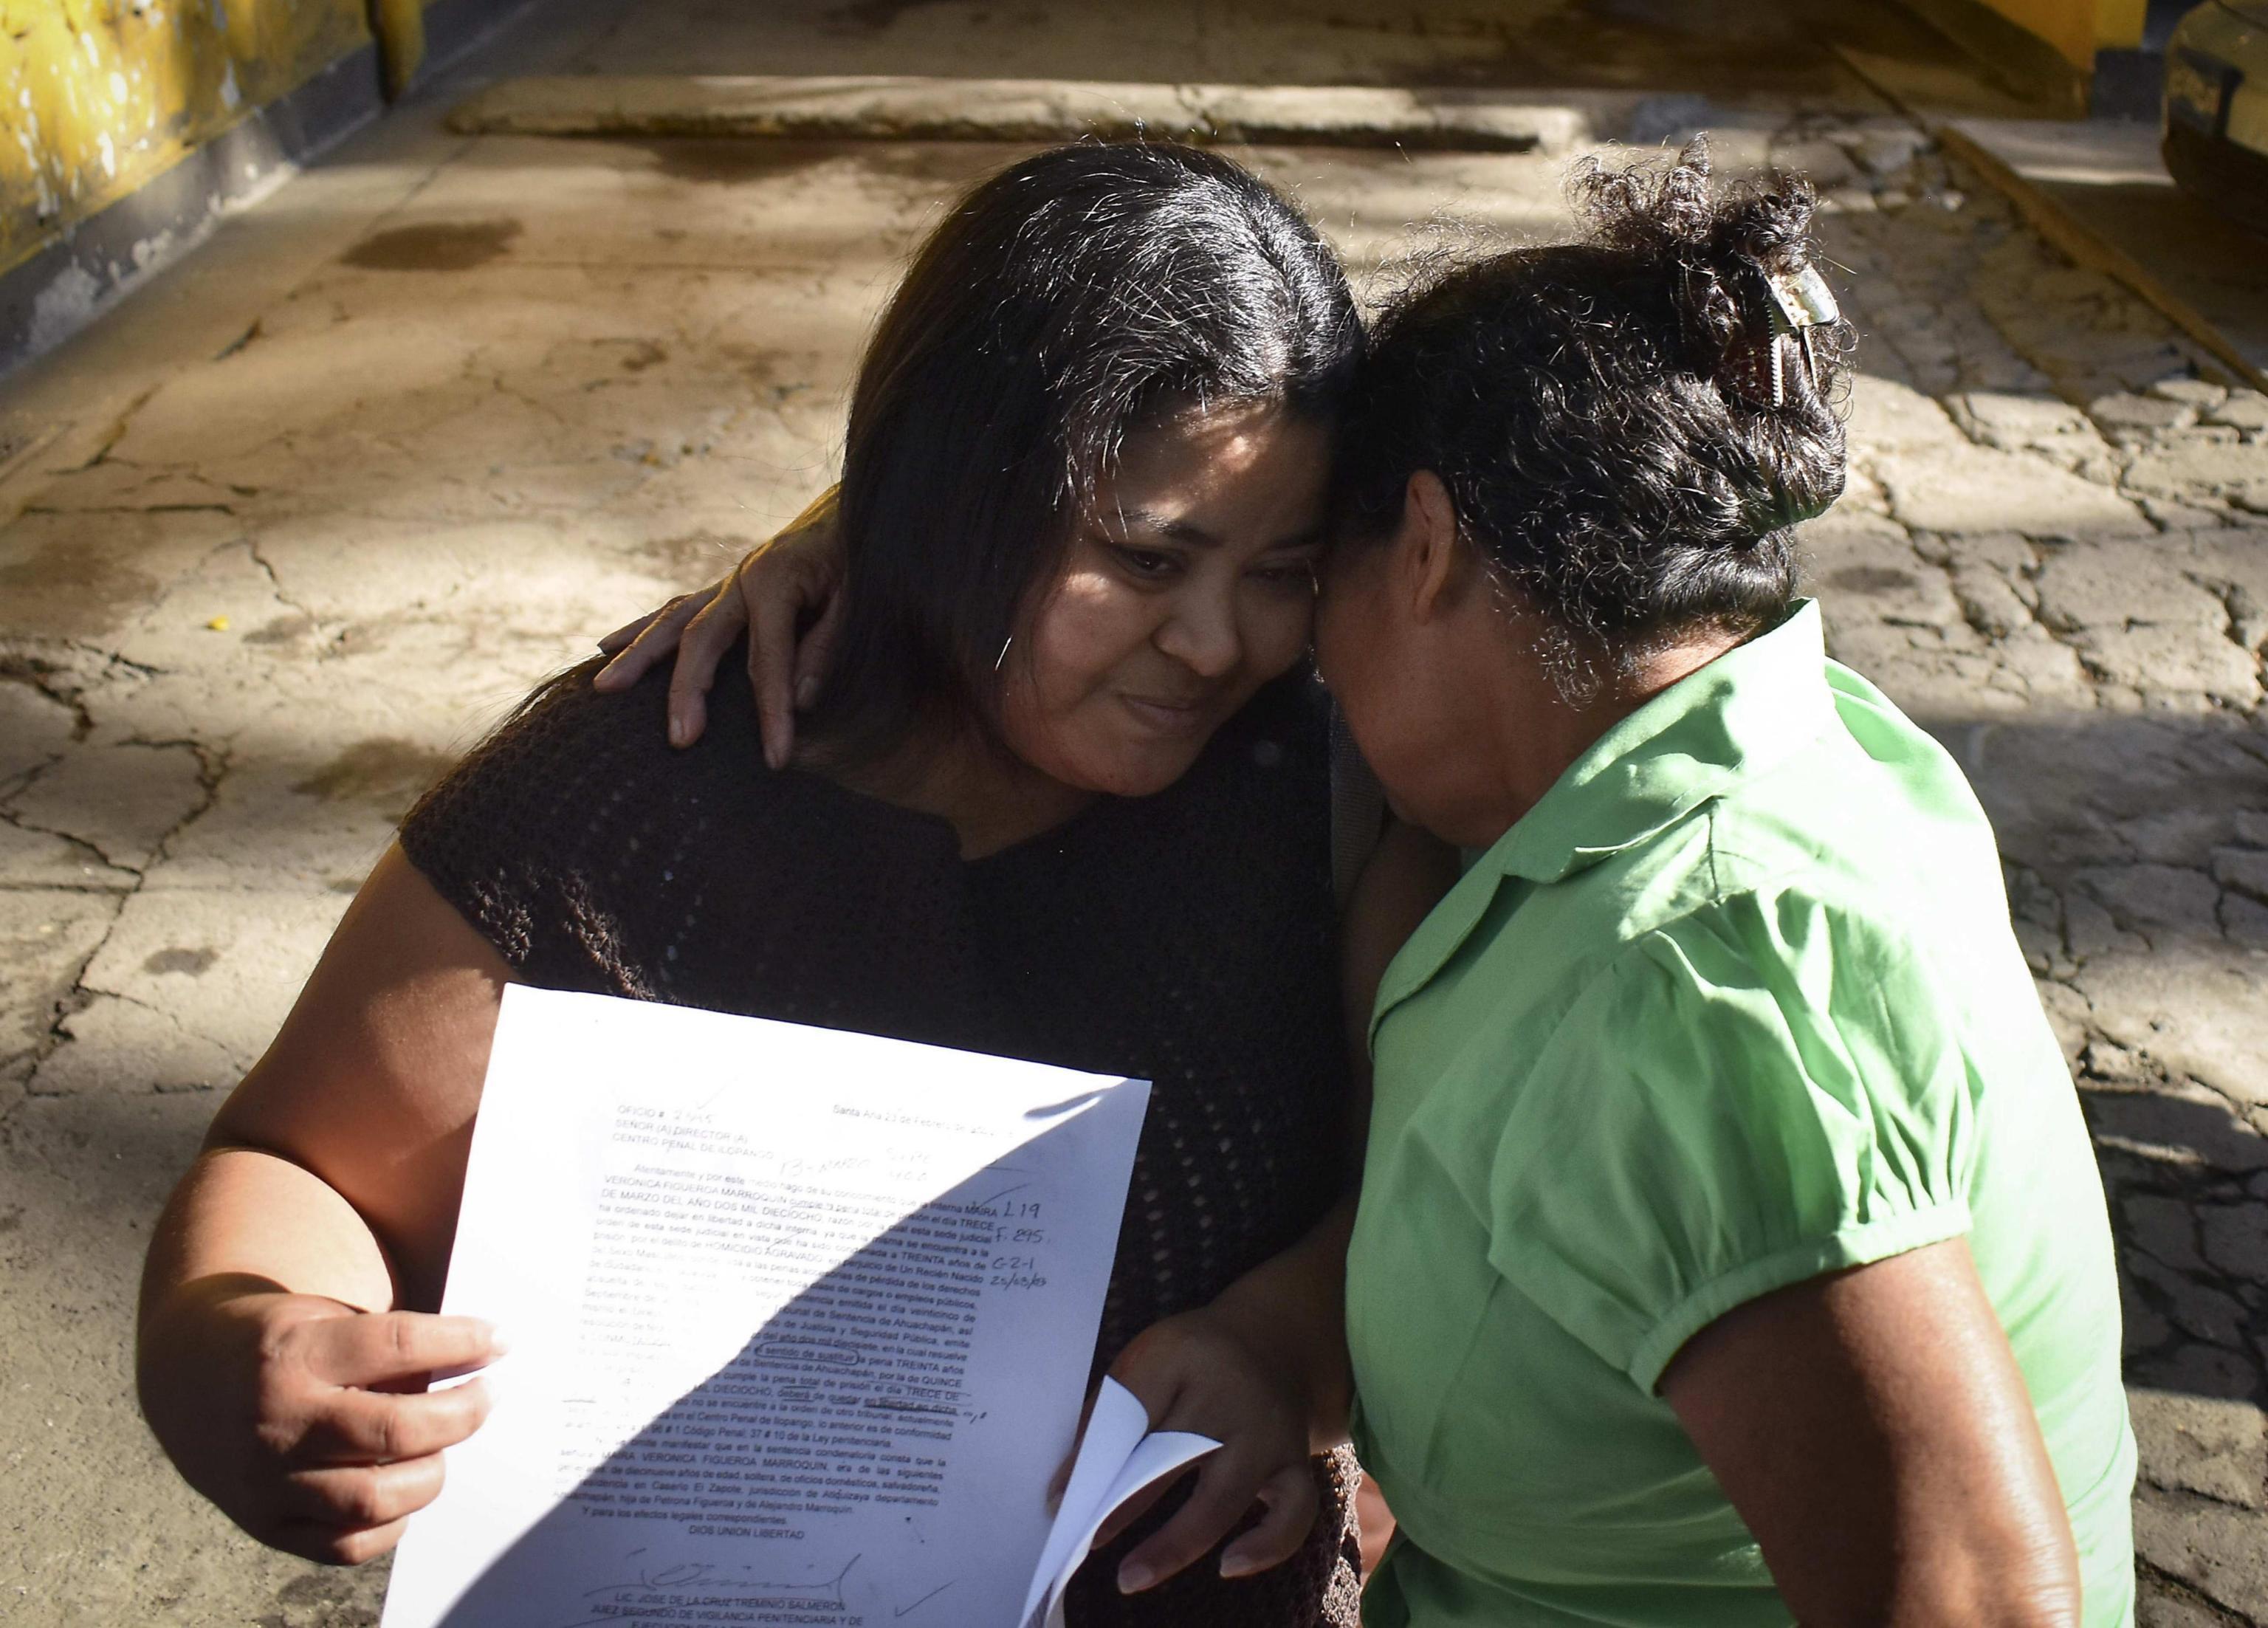 30 anni di carcere per un aborto spontaneo dopo lo stupro: la storia di Maira, finalmente libera